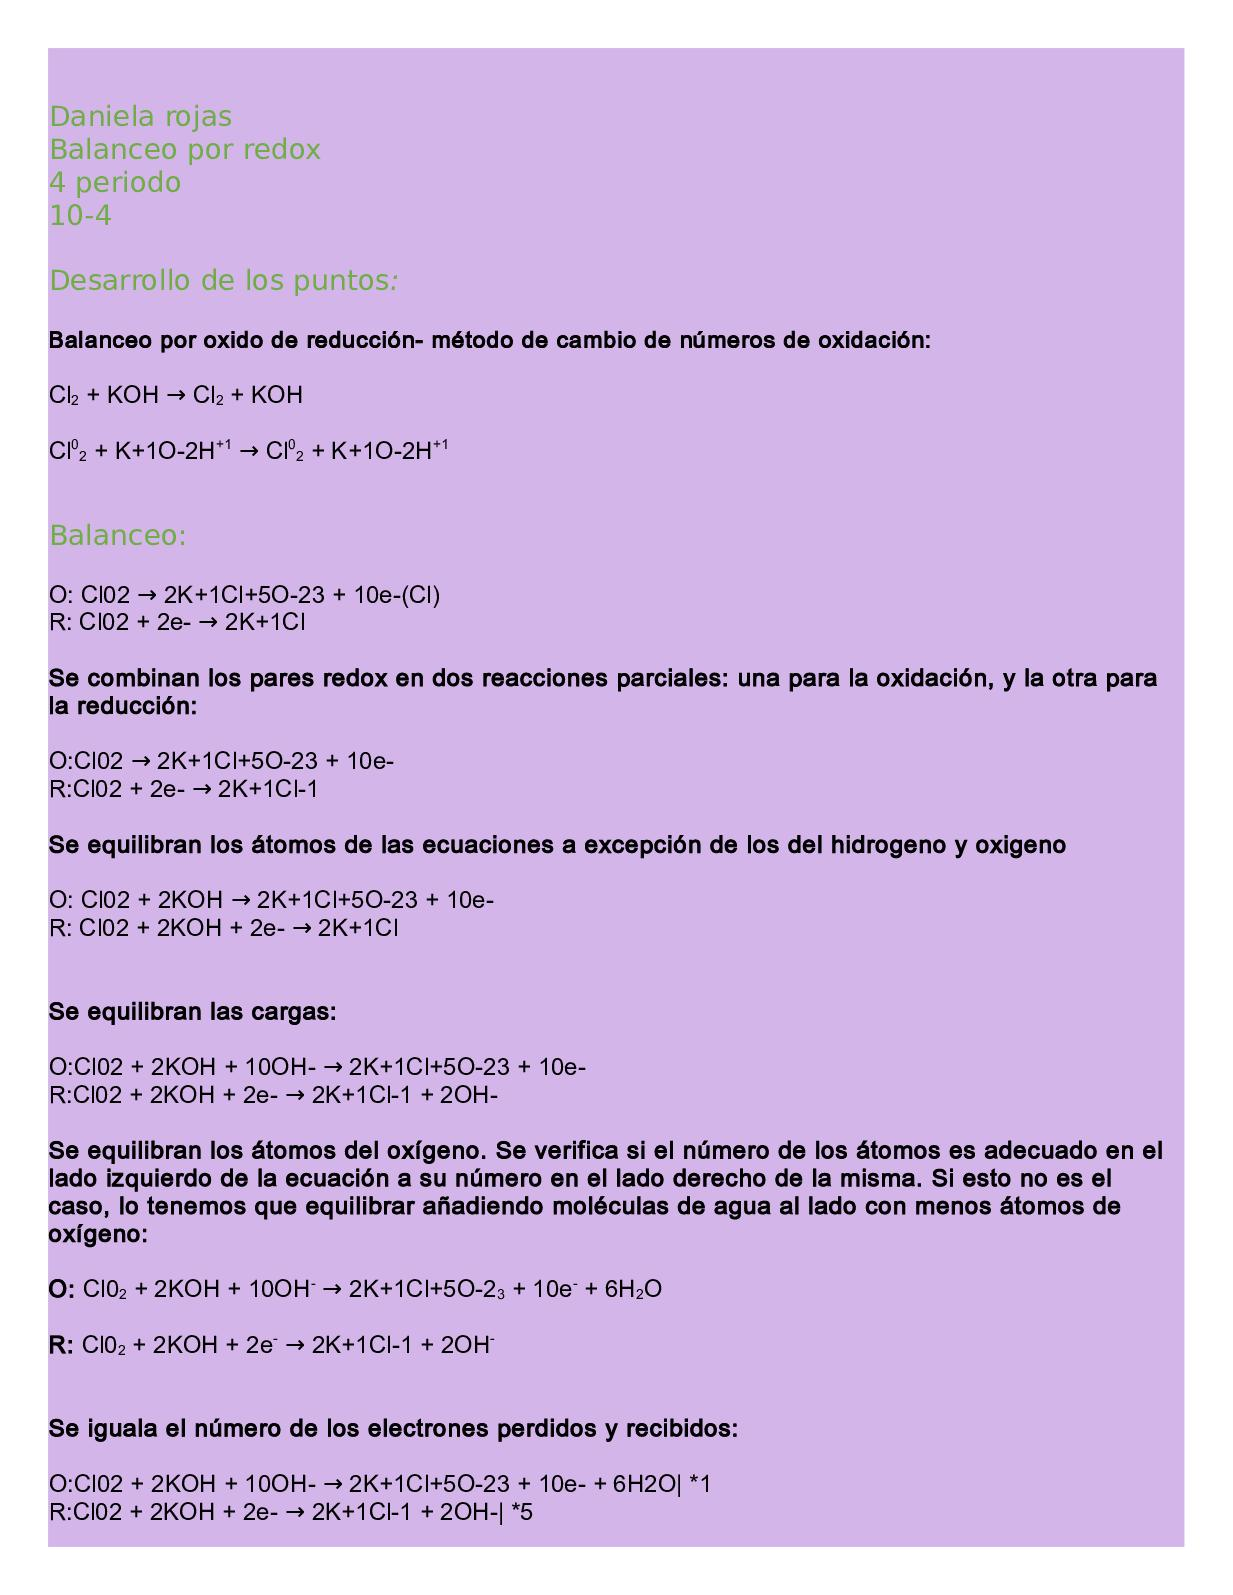 Actividad Balanceo Redox Daniela Rojas 10 4